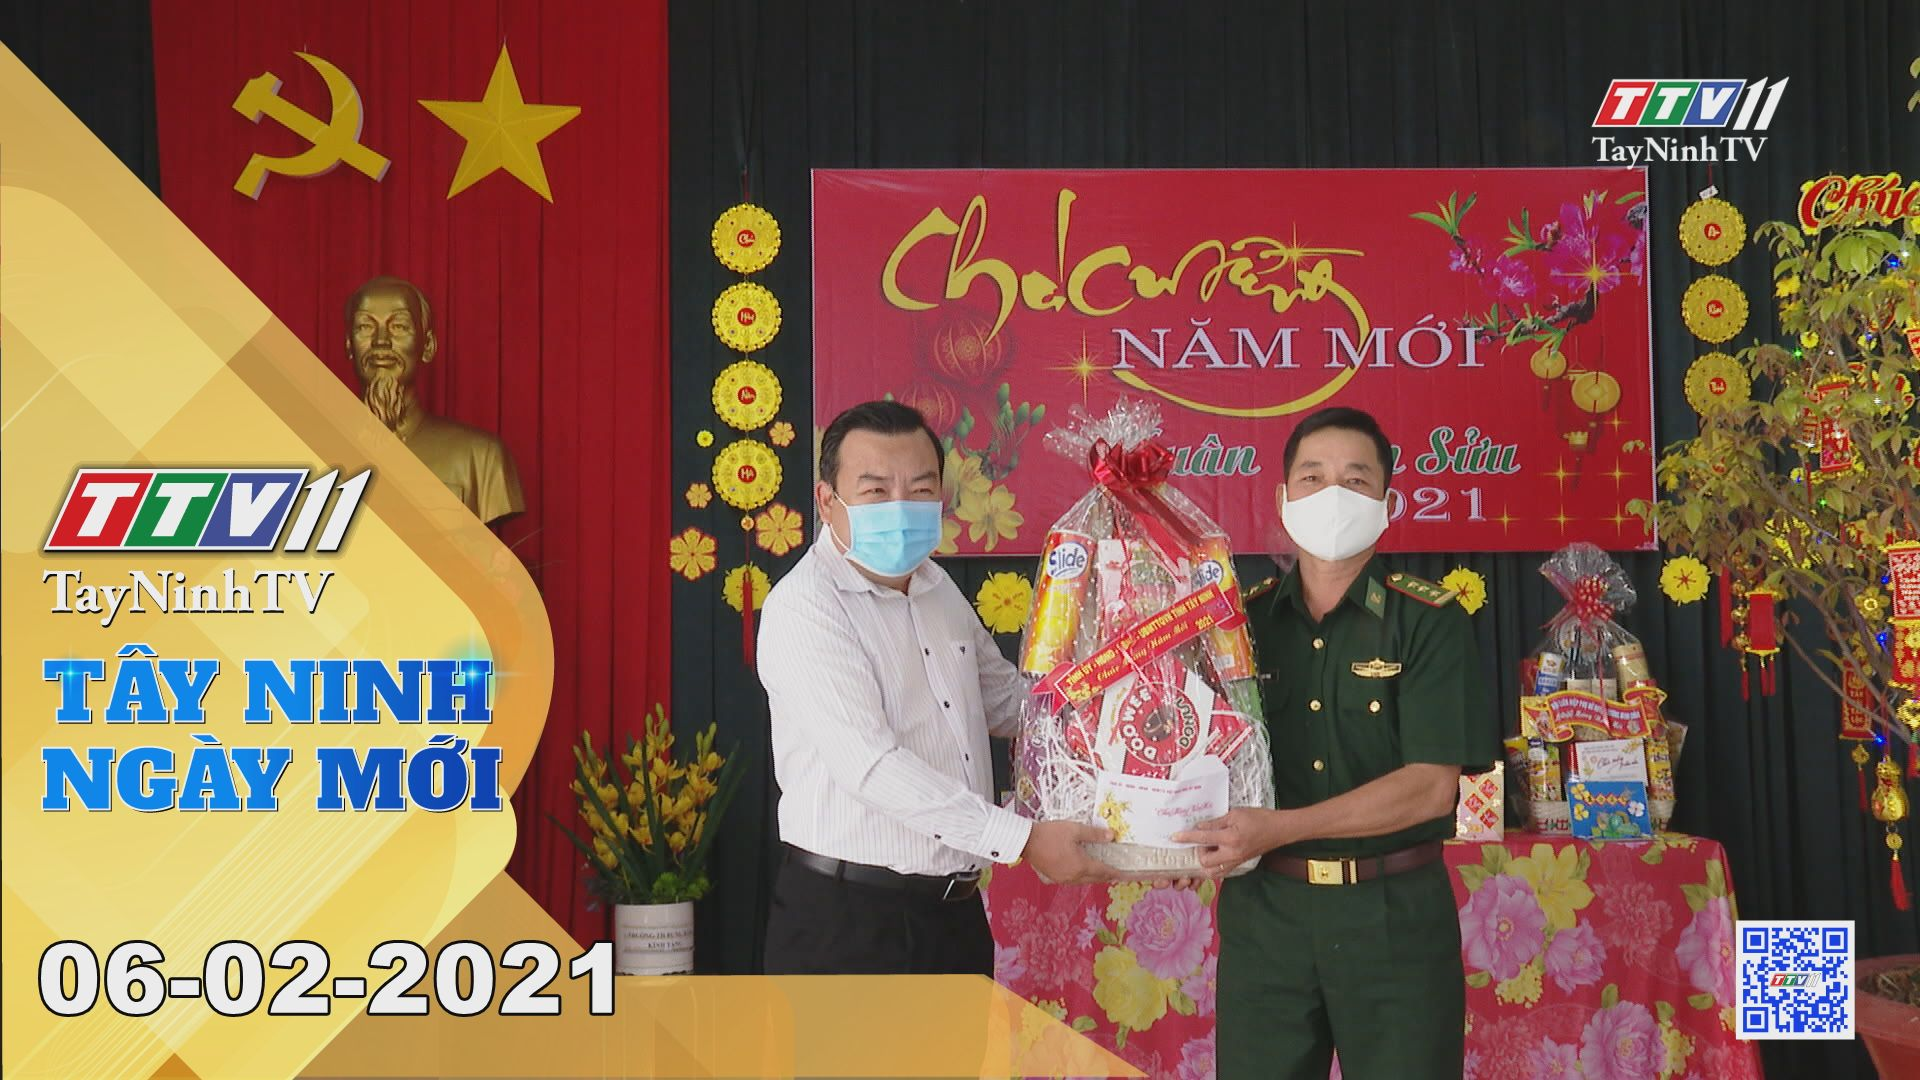 Tây Ninh Ngày Mới 06-02-2021   Tin tức hôm nay   TayNinhTV